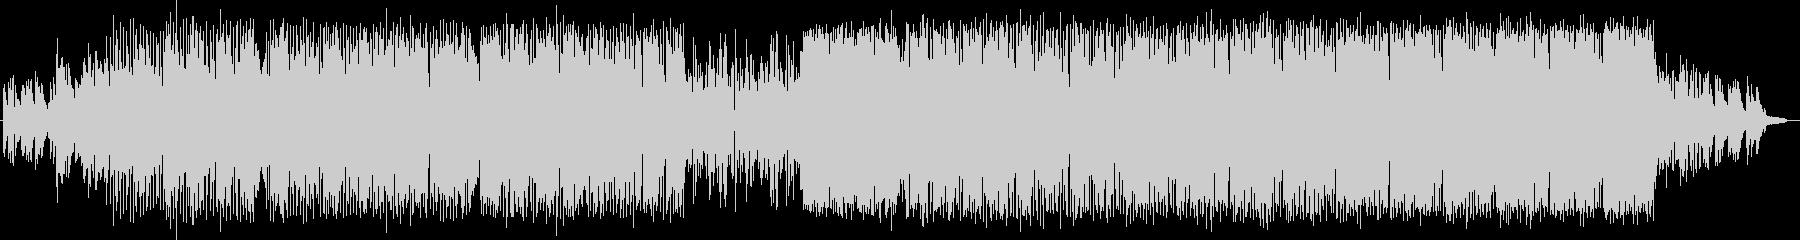 映像作品向けバラードEDMの未再生の波形